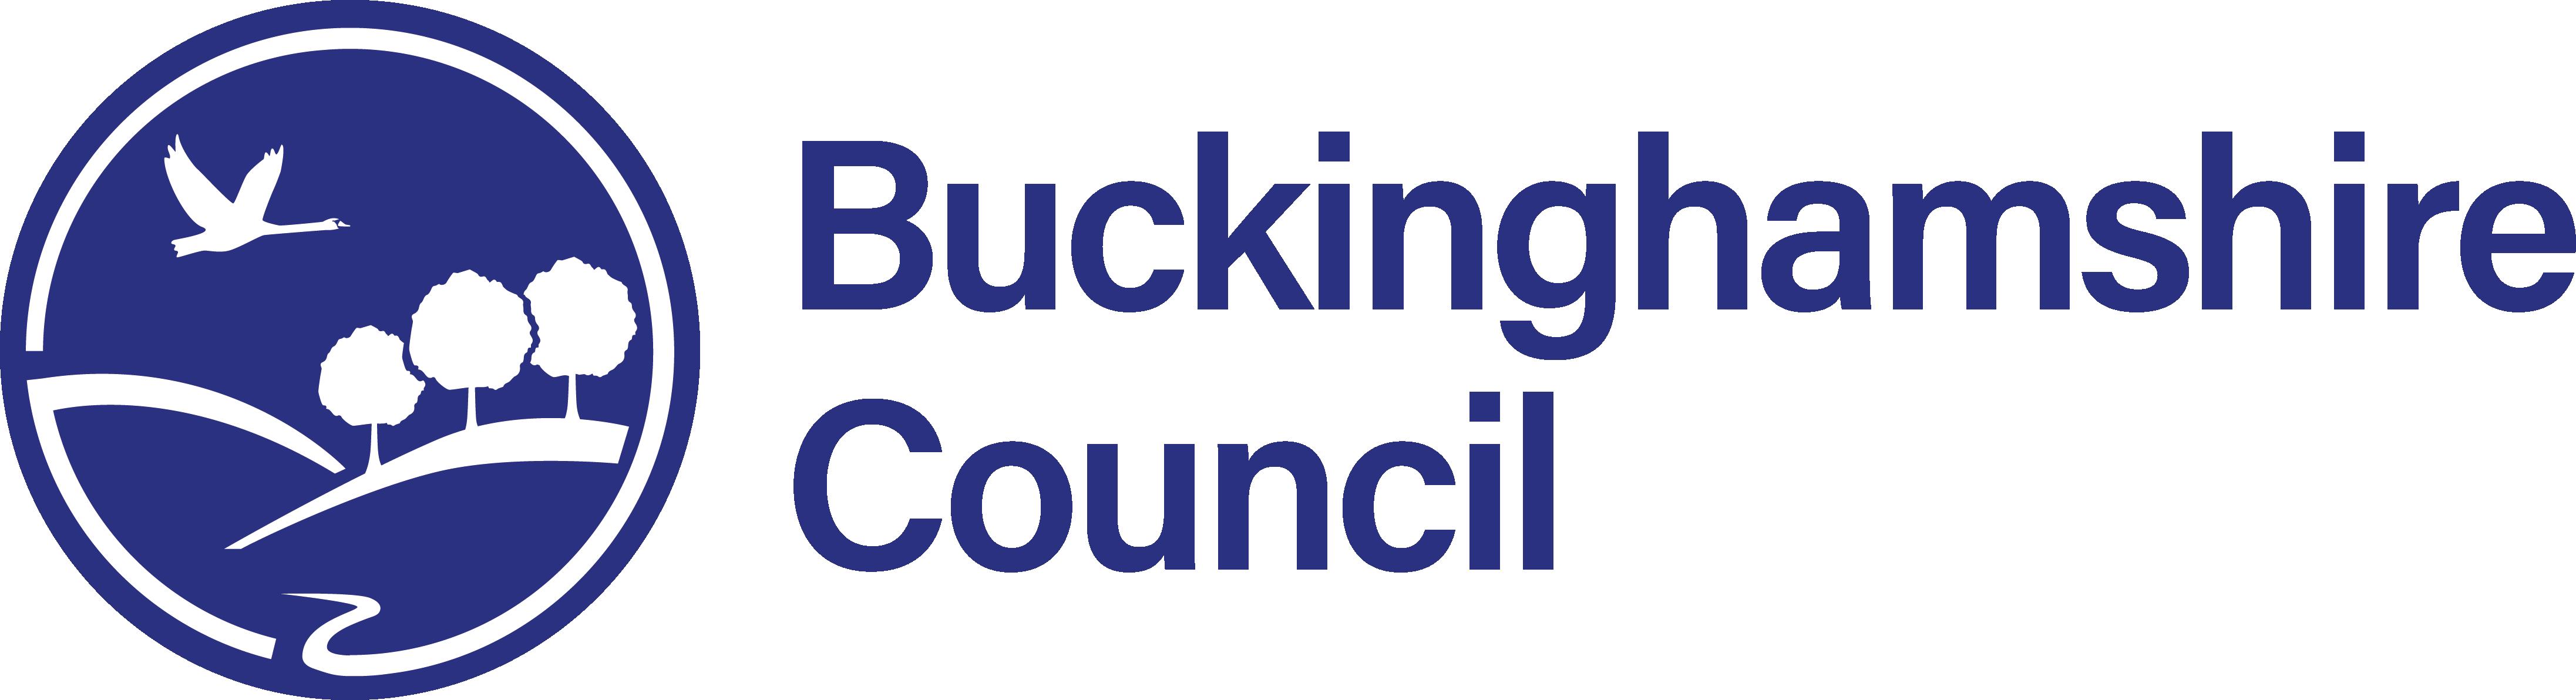 Council Budget 2021-22 Consultation - Your Voice Bucks ...